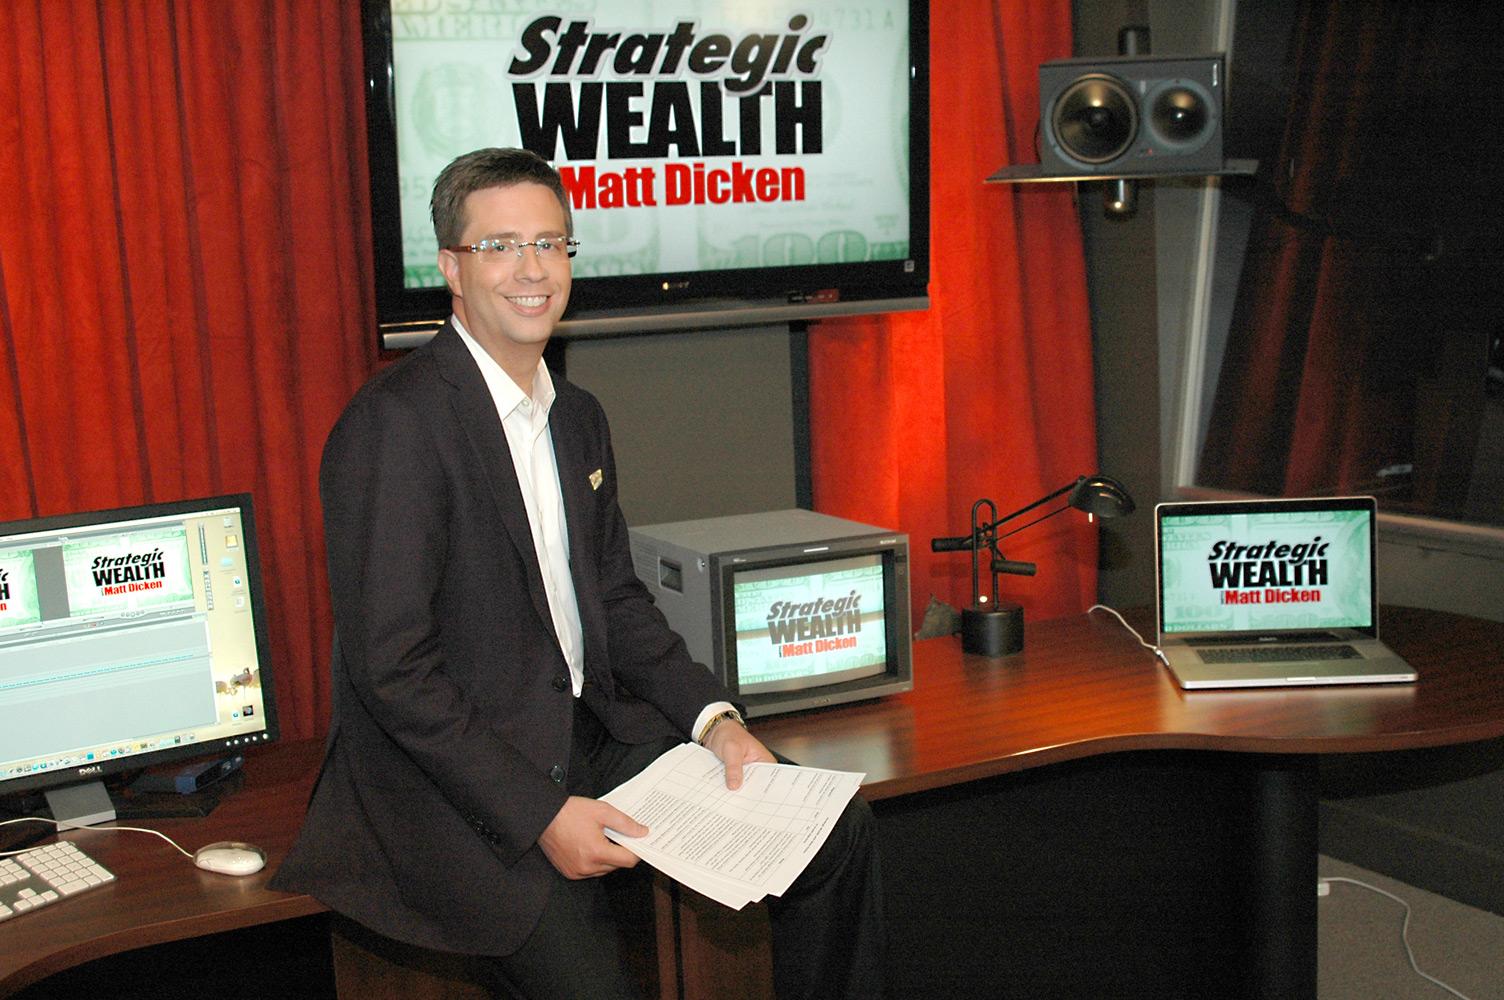 Strategic Wealth Design   Matt Dicken First Louisville TV show